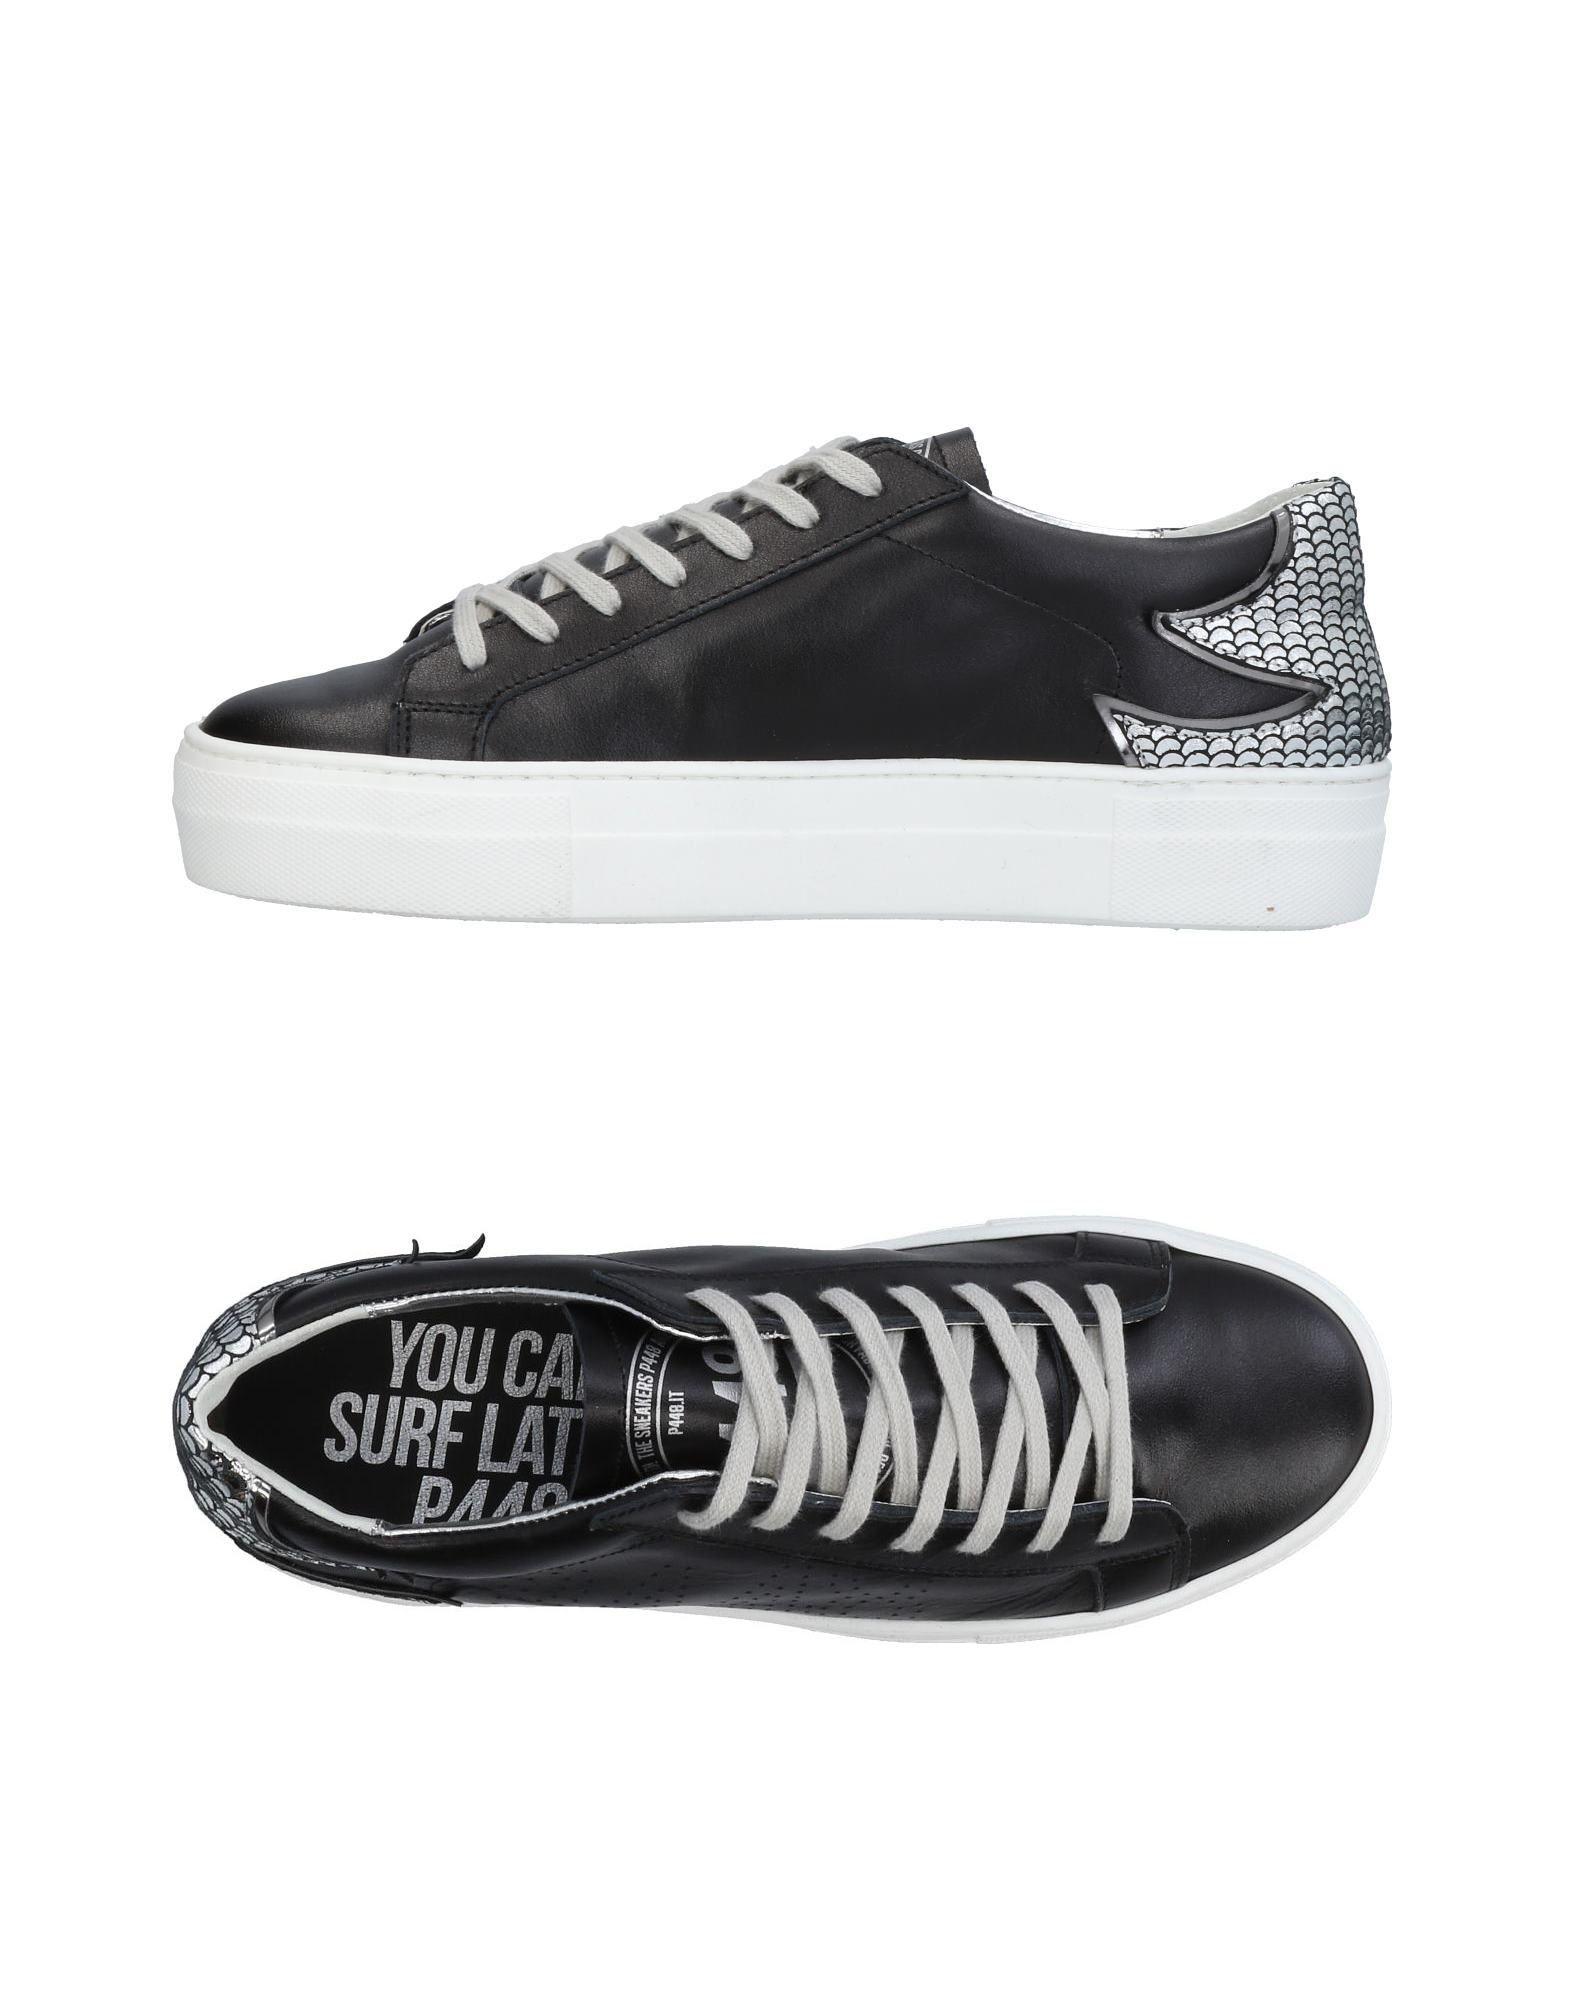 P448 Sneakers Damen beliebte  11456815PW Gute Qualität beliebte Damen Schuhe 051d44